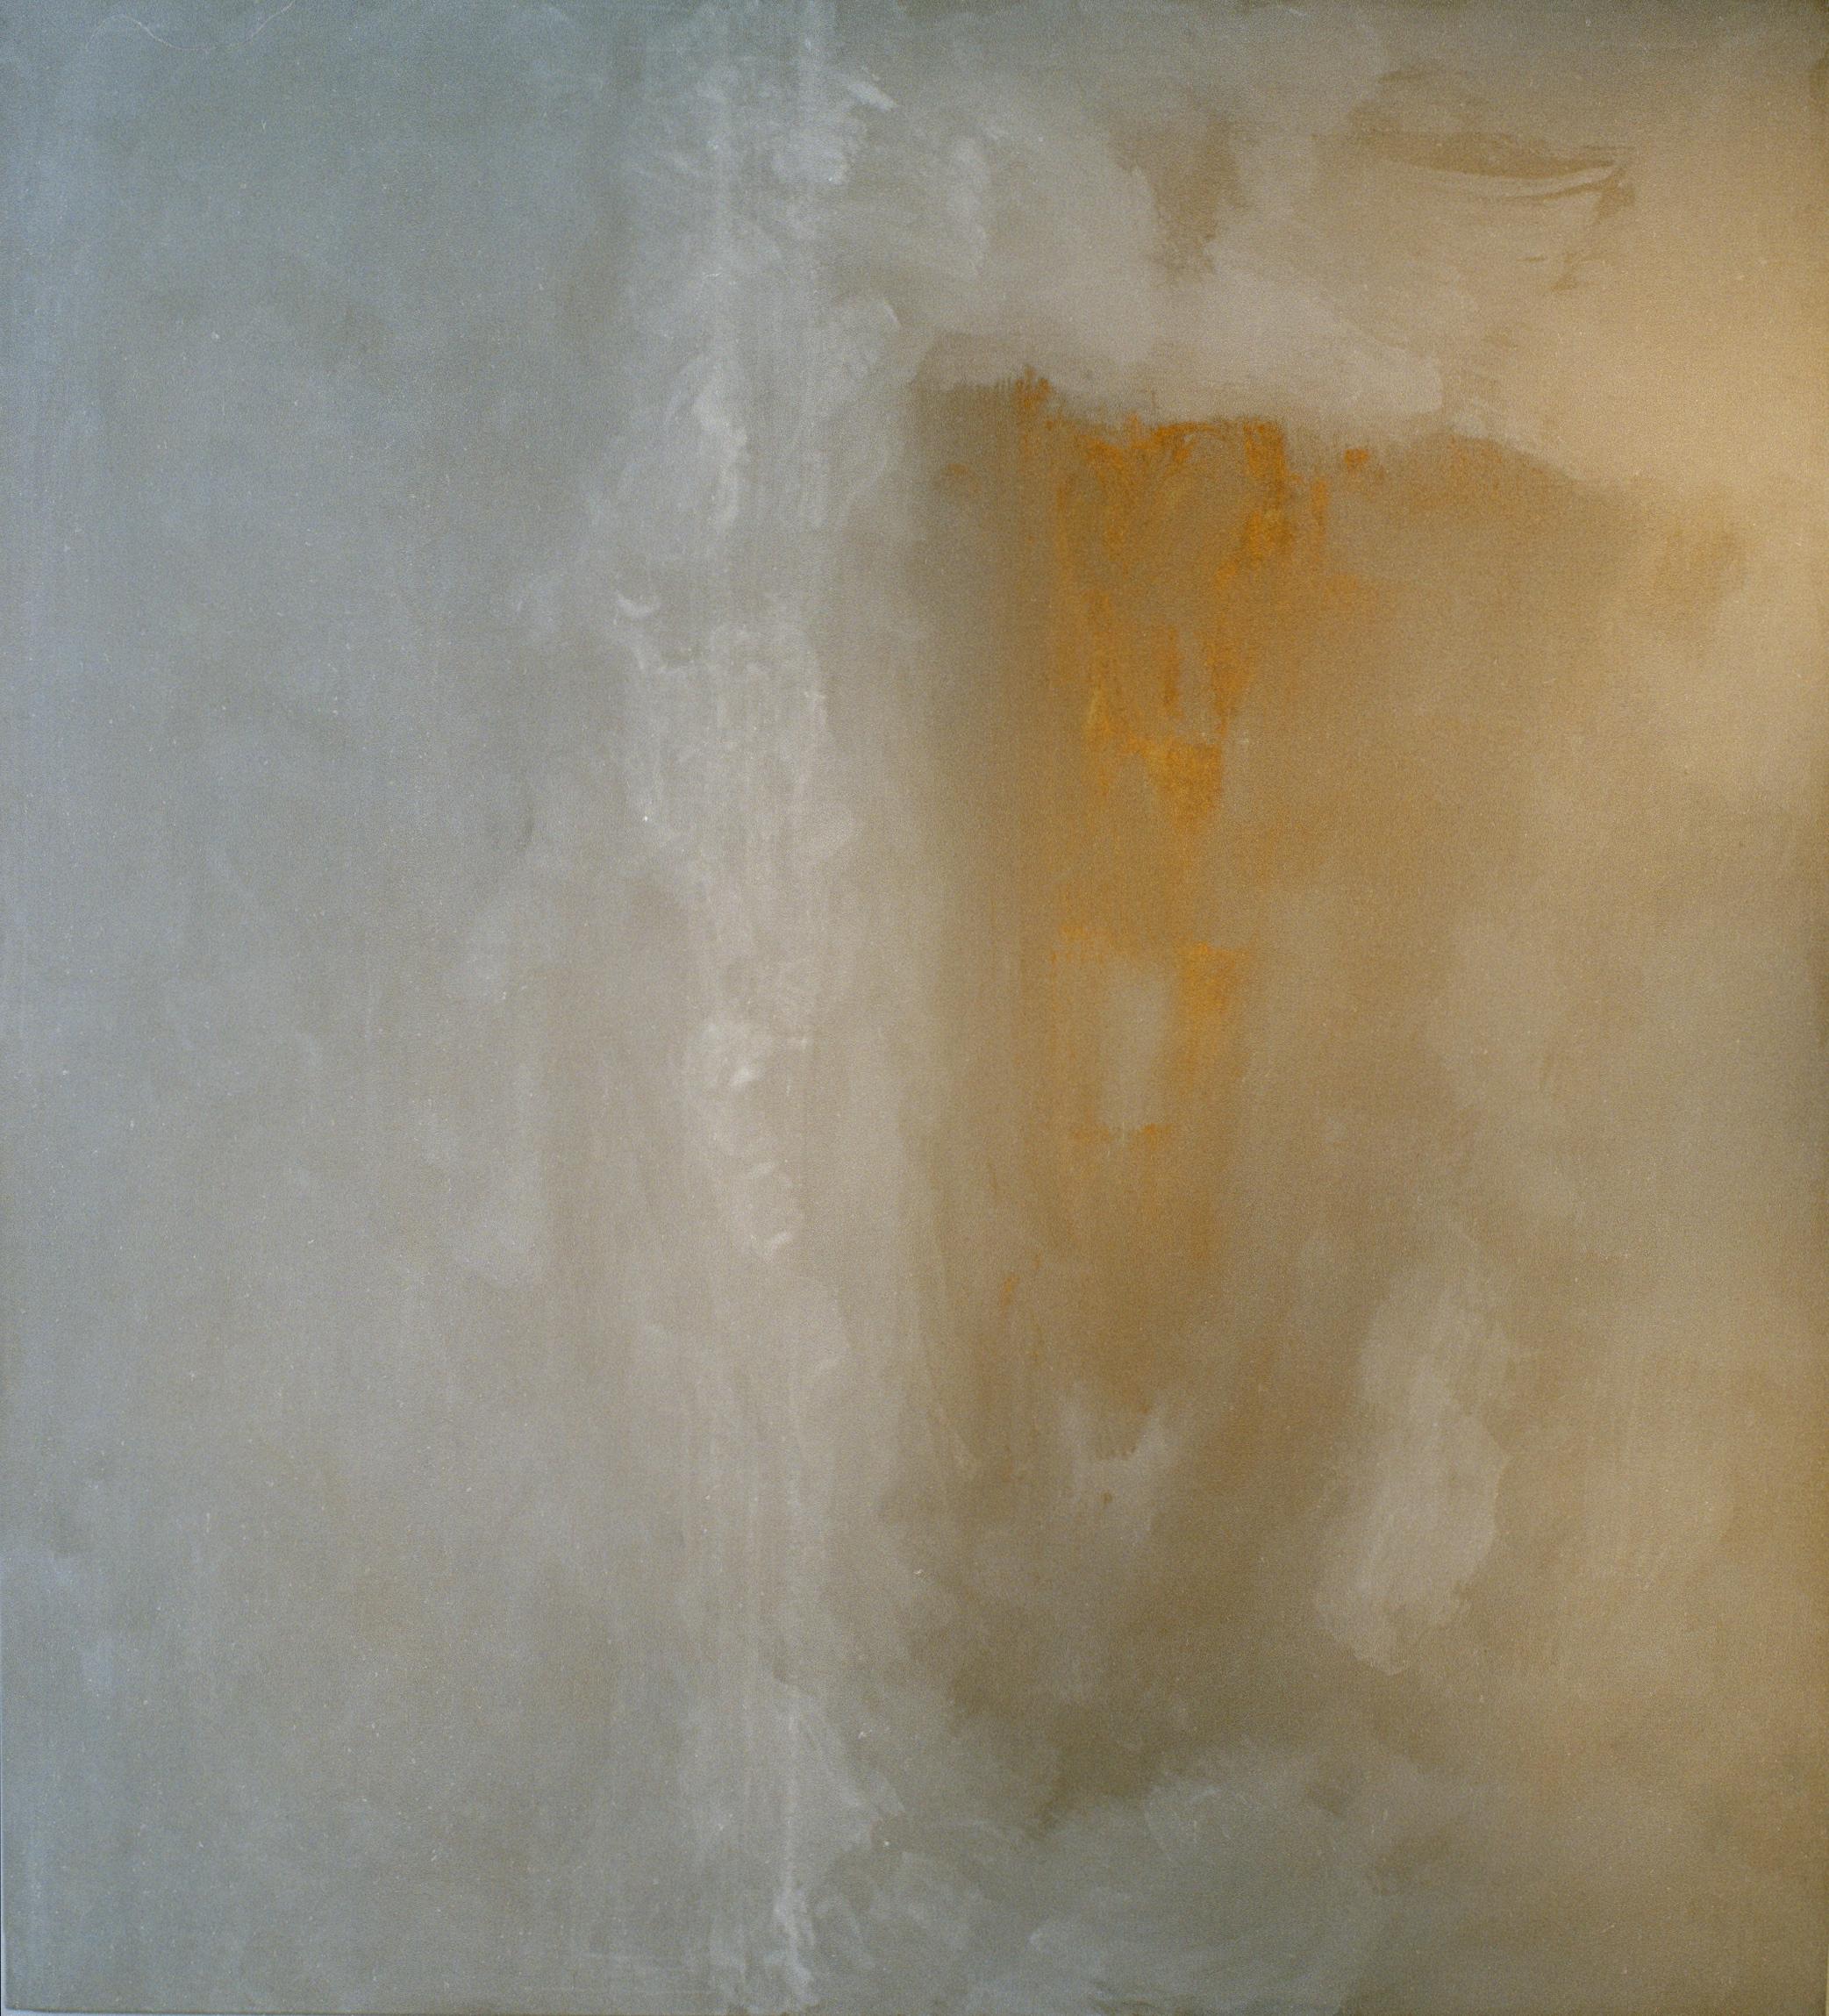 Nell'insidia della soglia, 2001,tempera acrilica su tela, cm 200 x 180  Nell'insidia della soglia,2001, acrylic tempera on canvas, cm 200 x 180